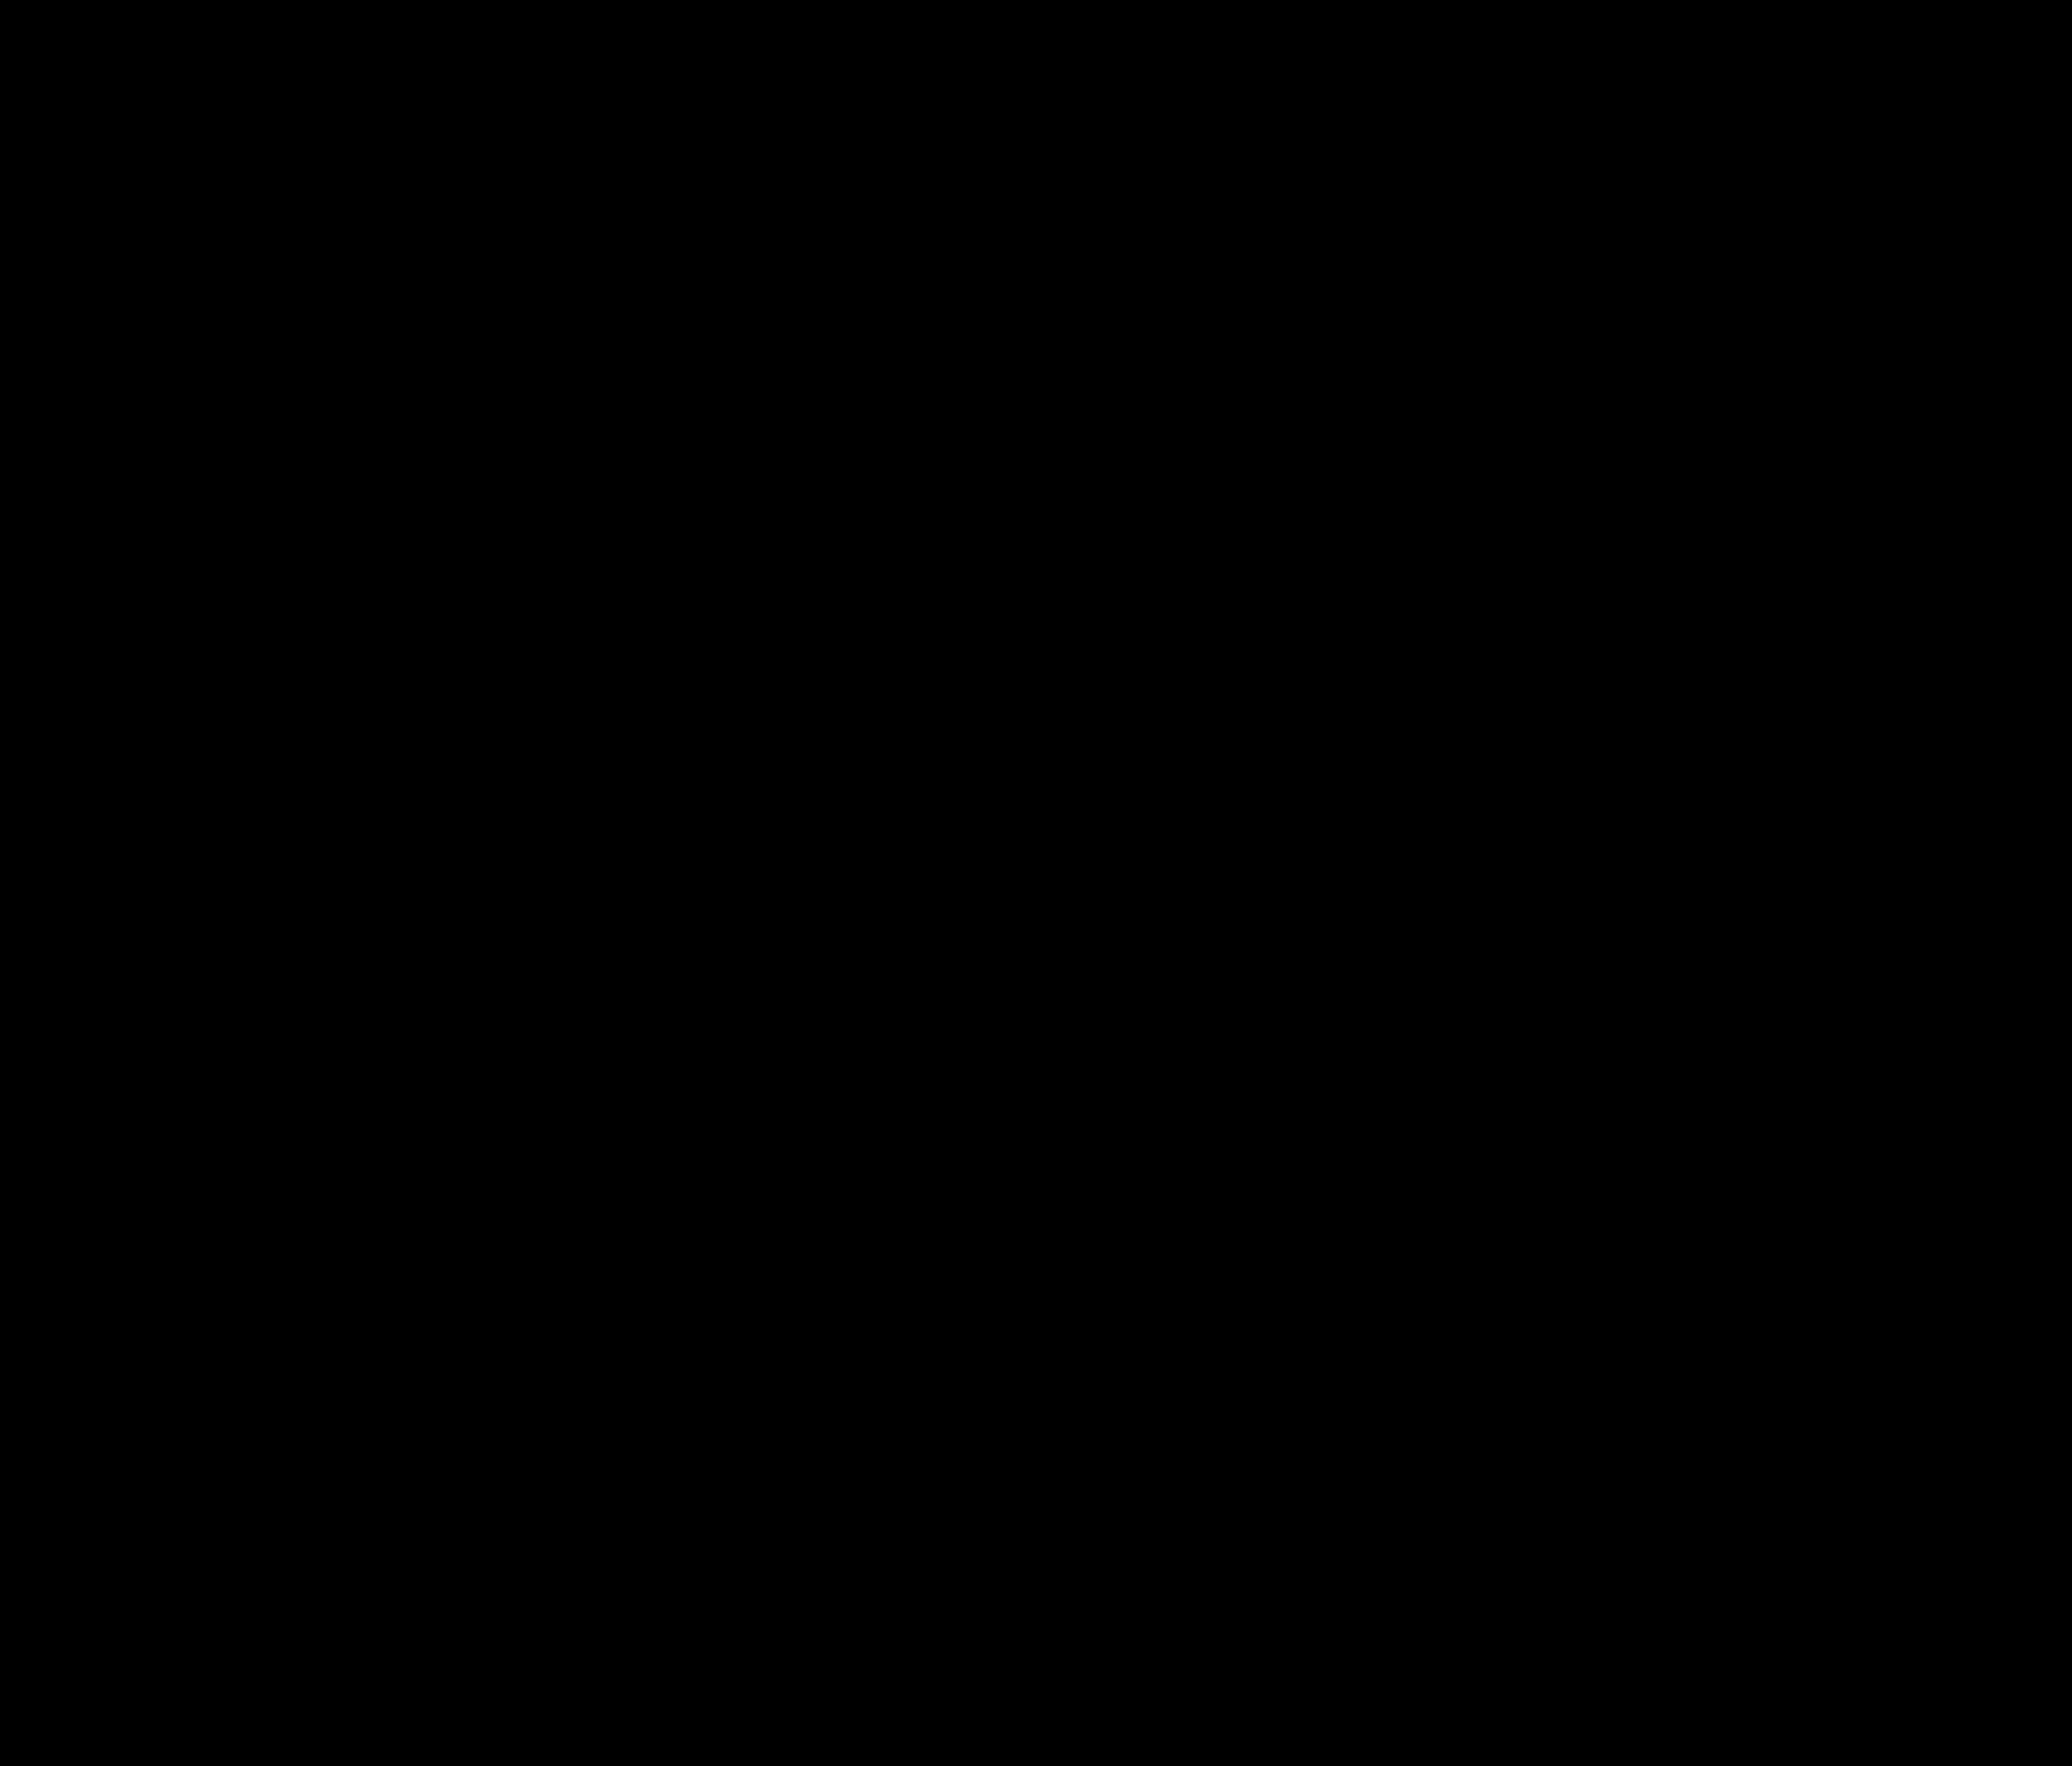 2400x2045 Silhouette Clipart Brain